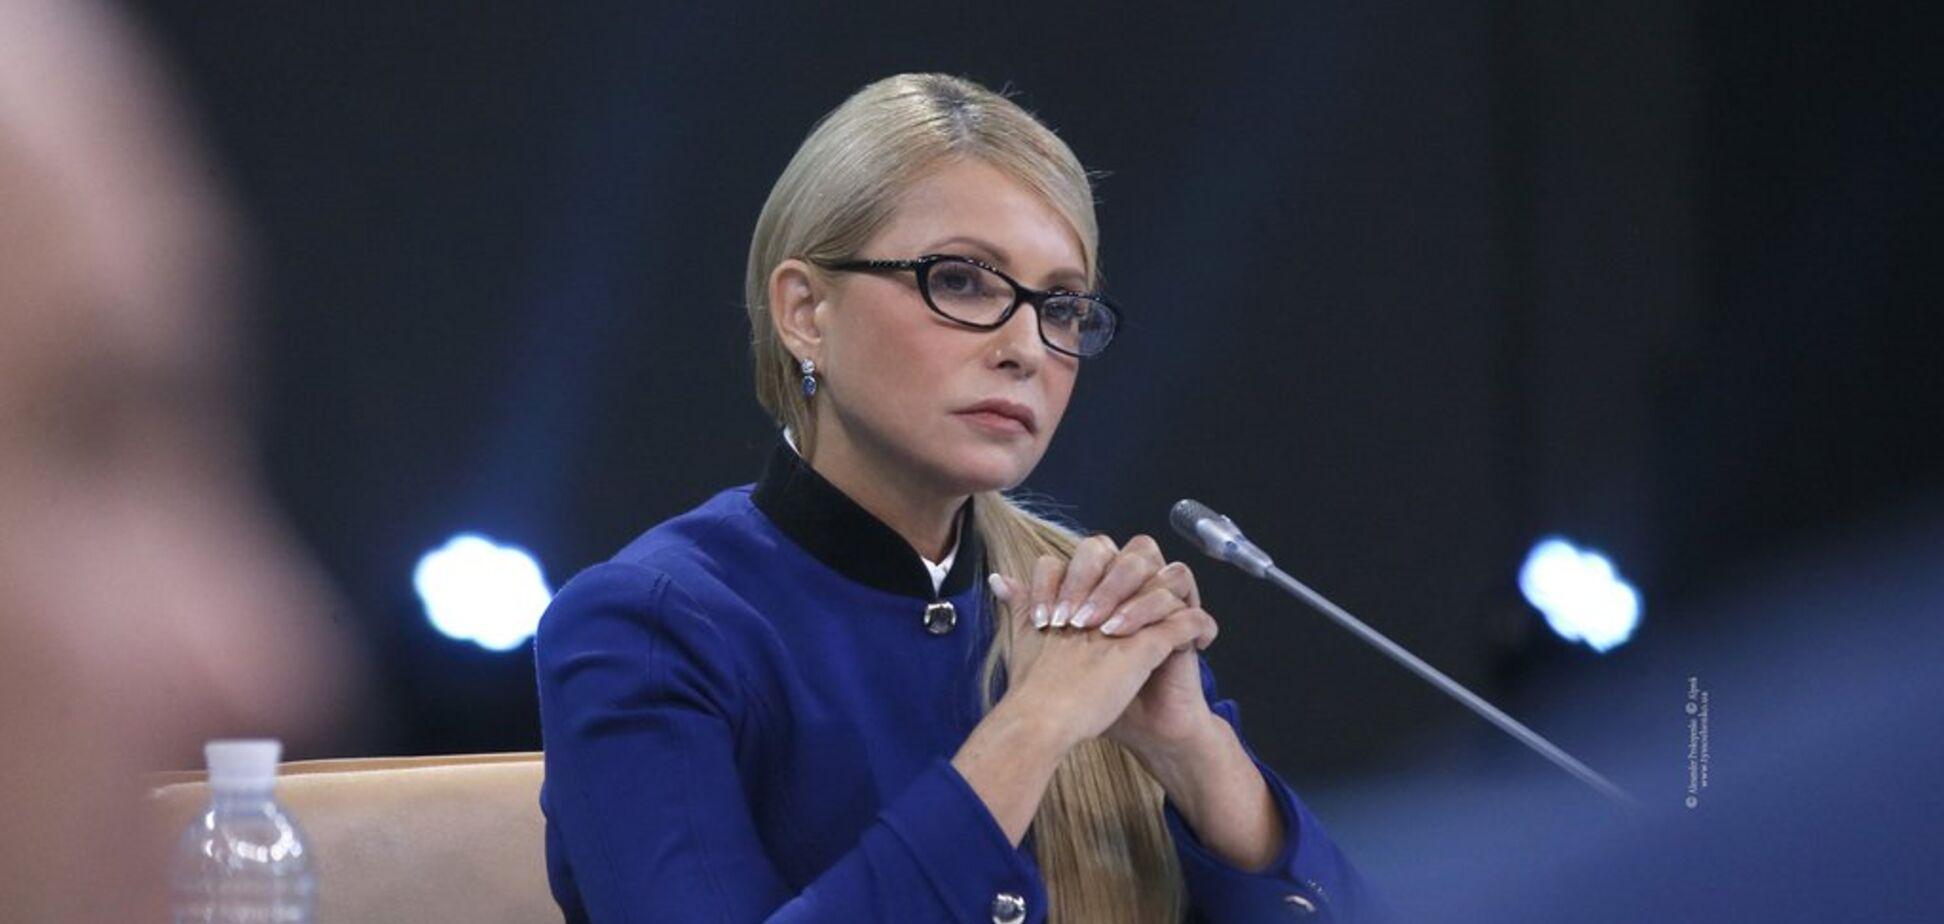 Тимошенко: цифровое управление и системы блокчейн — будущее развития Украины